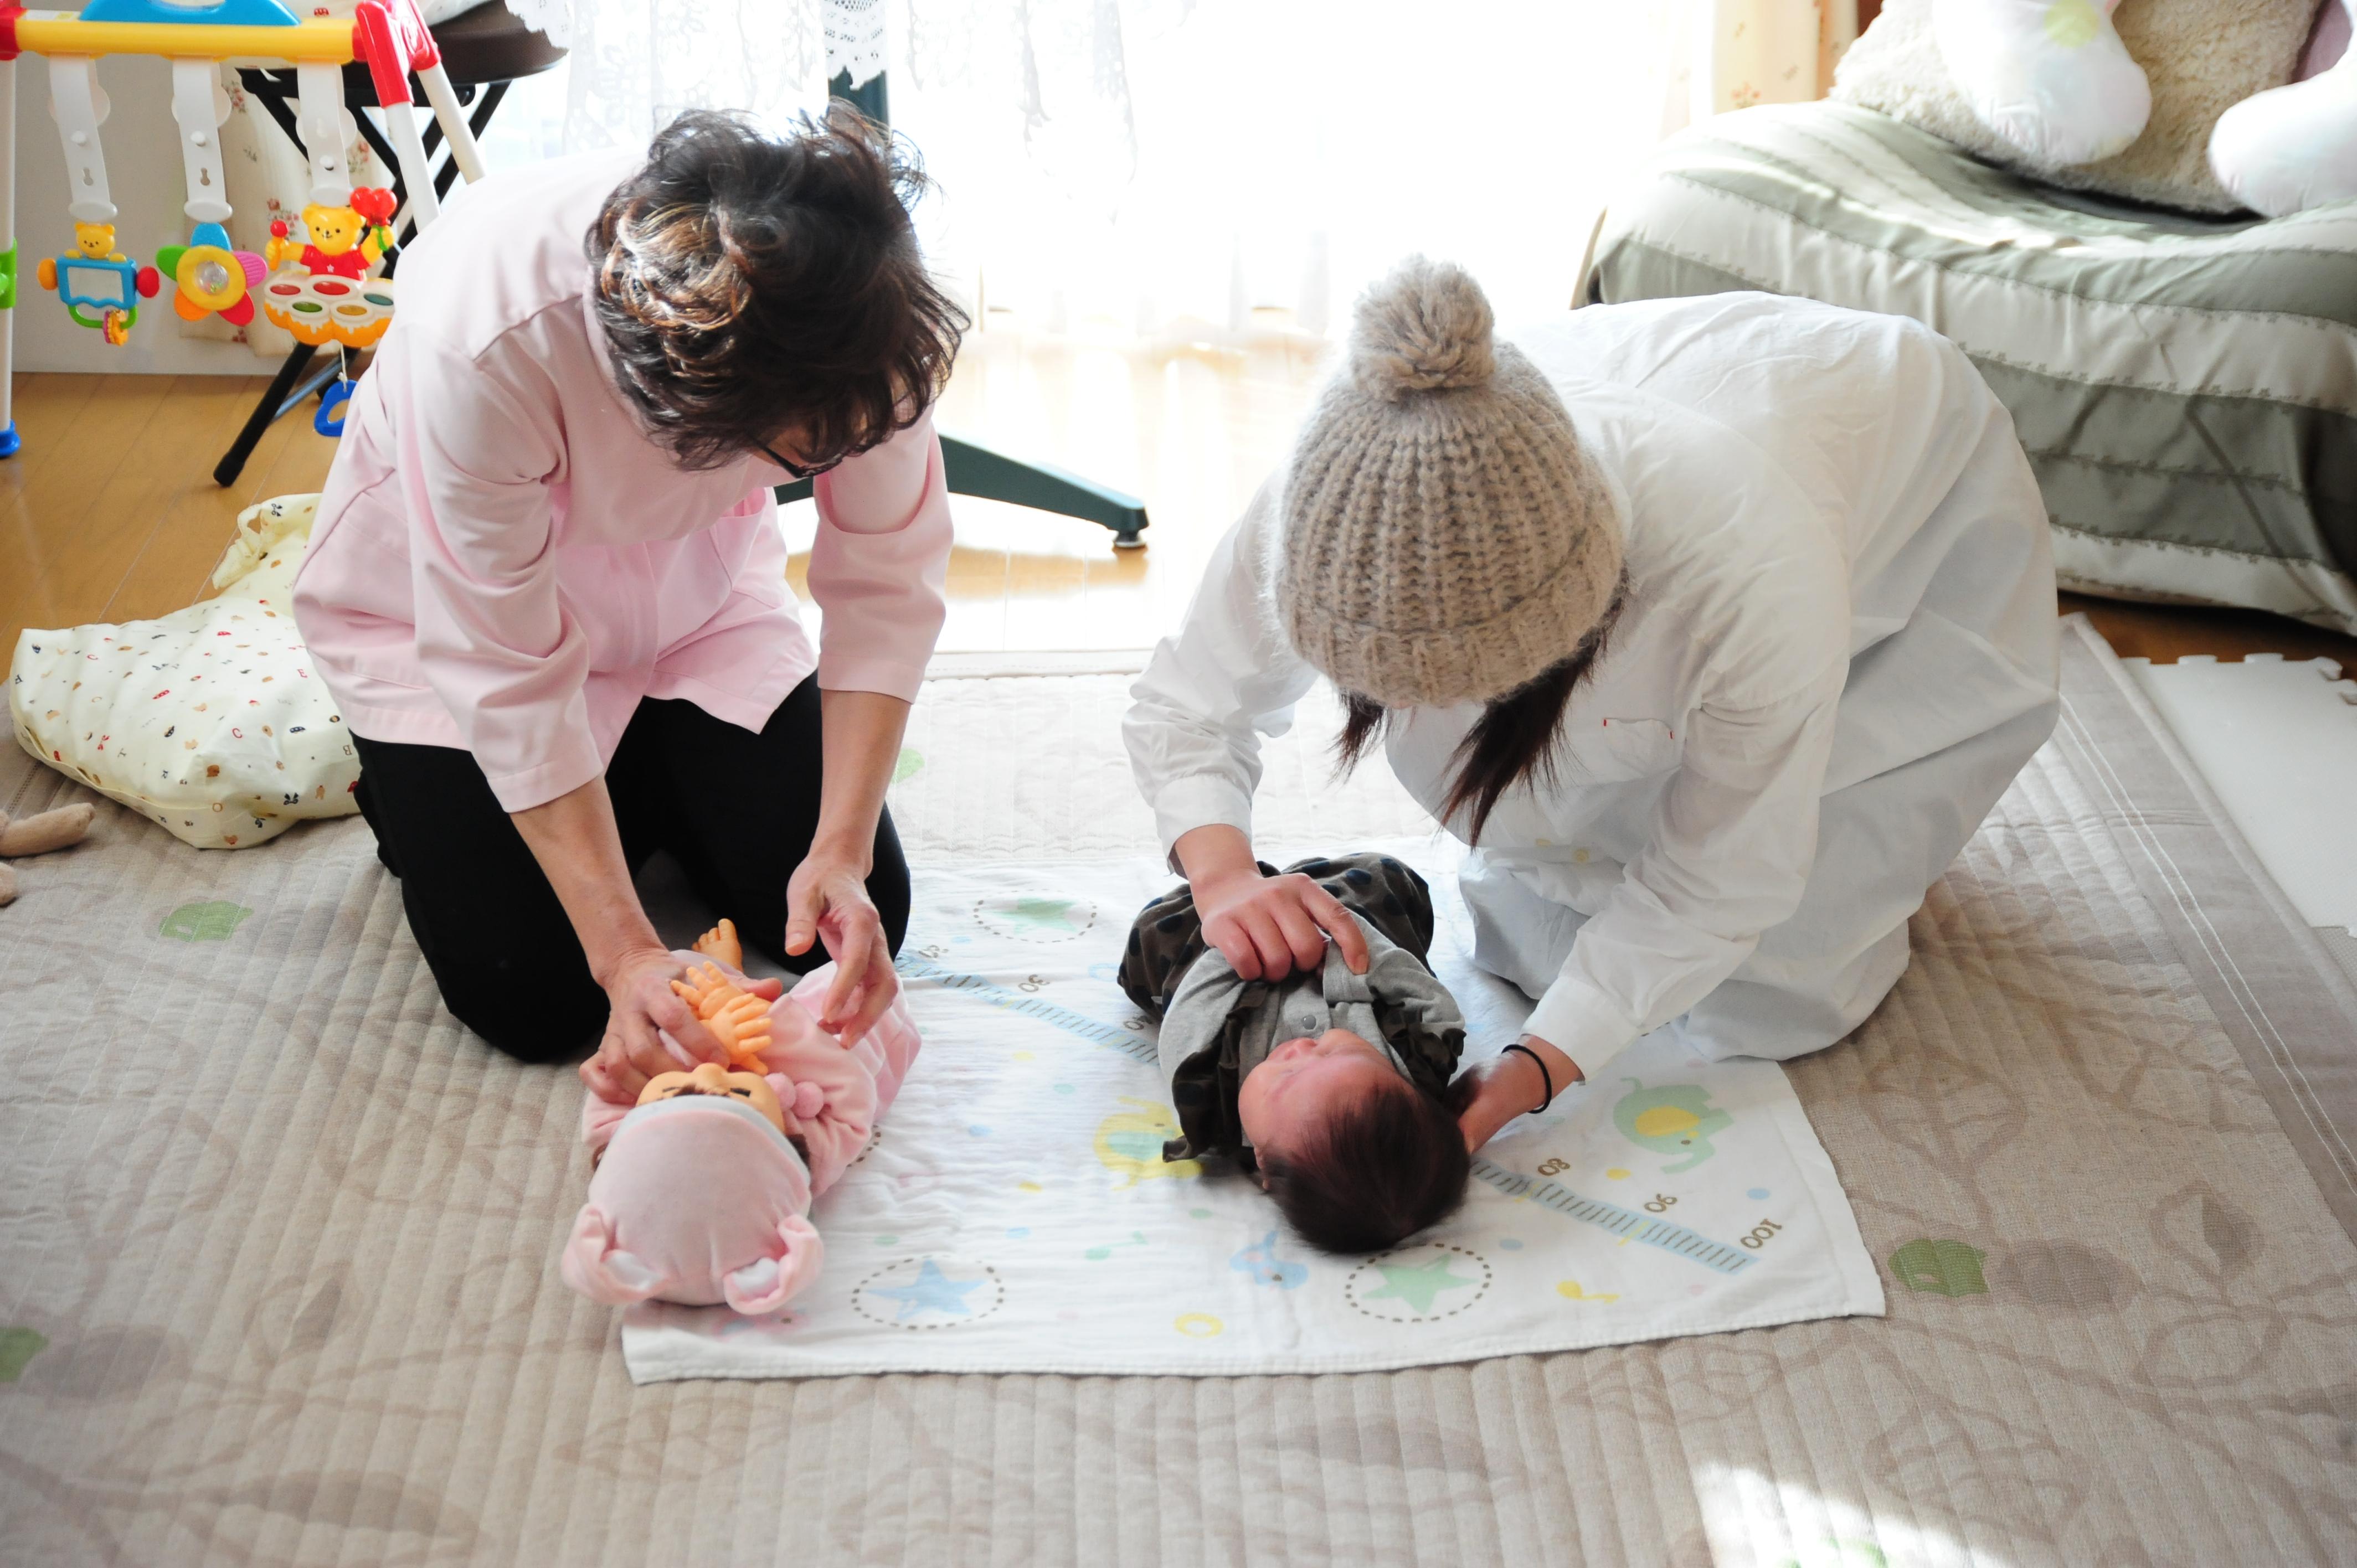 新米ママ・育児に不安がある方「定期的にベビーケア」